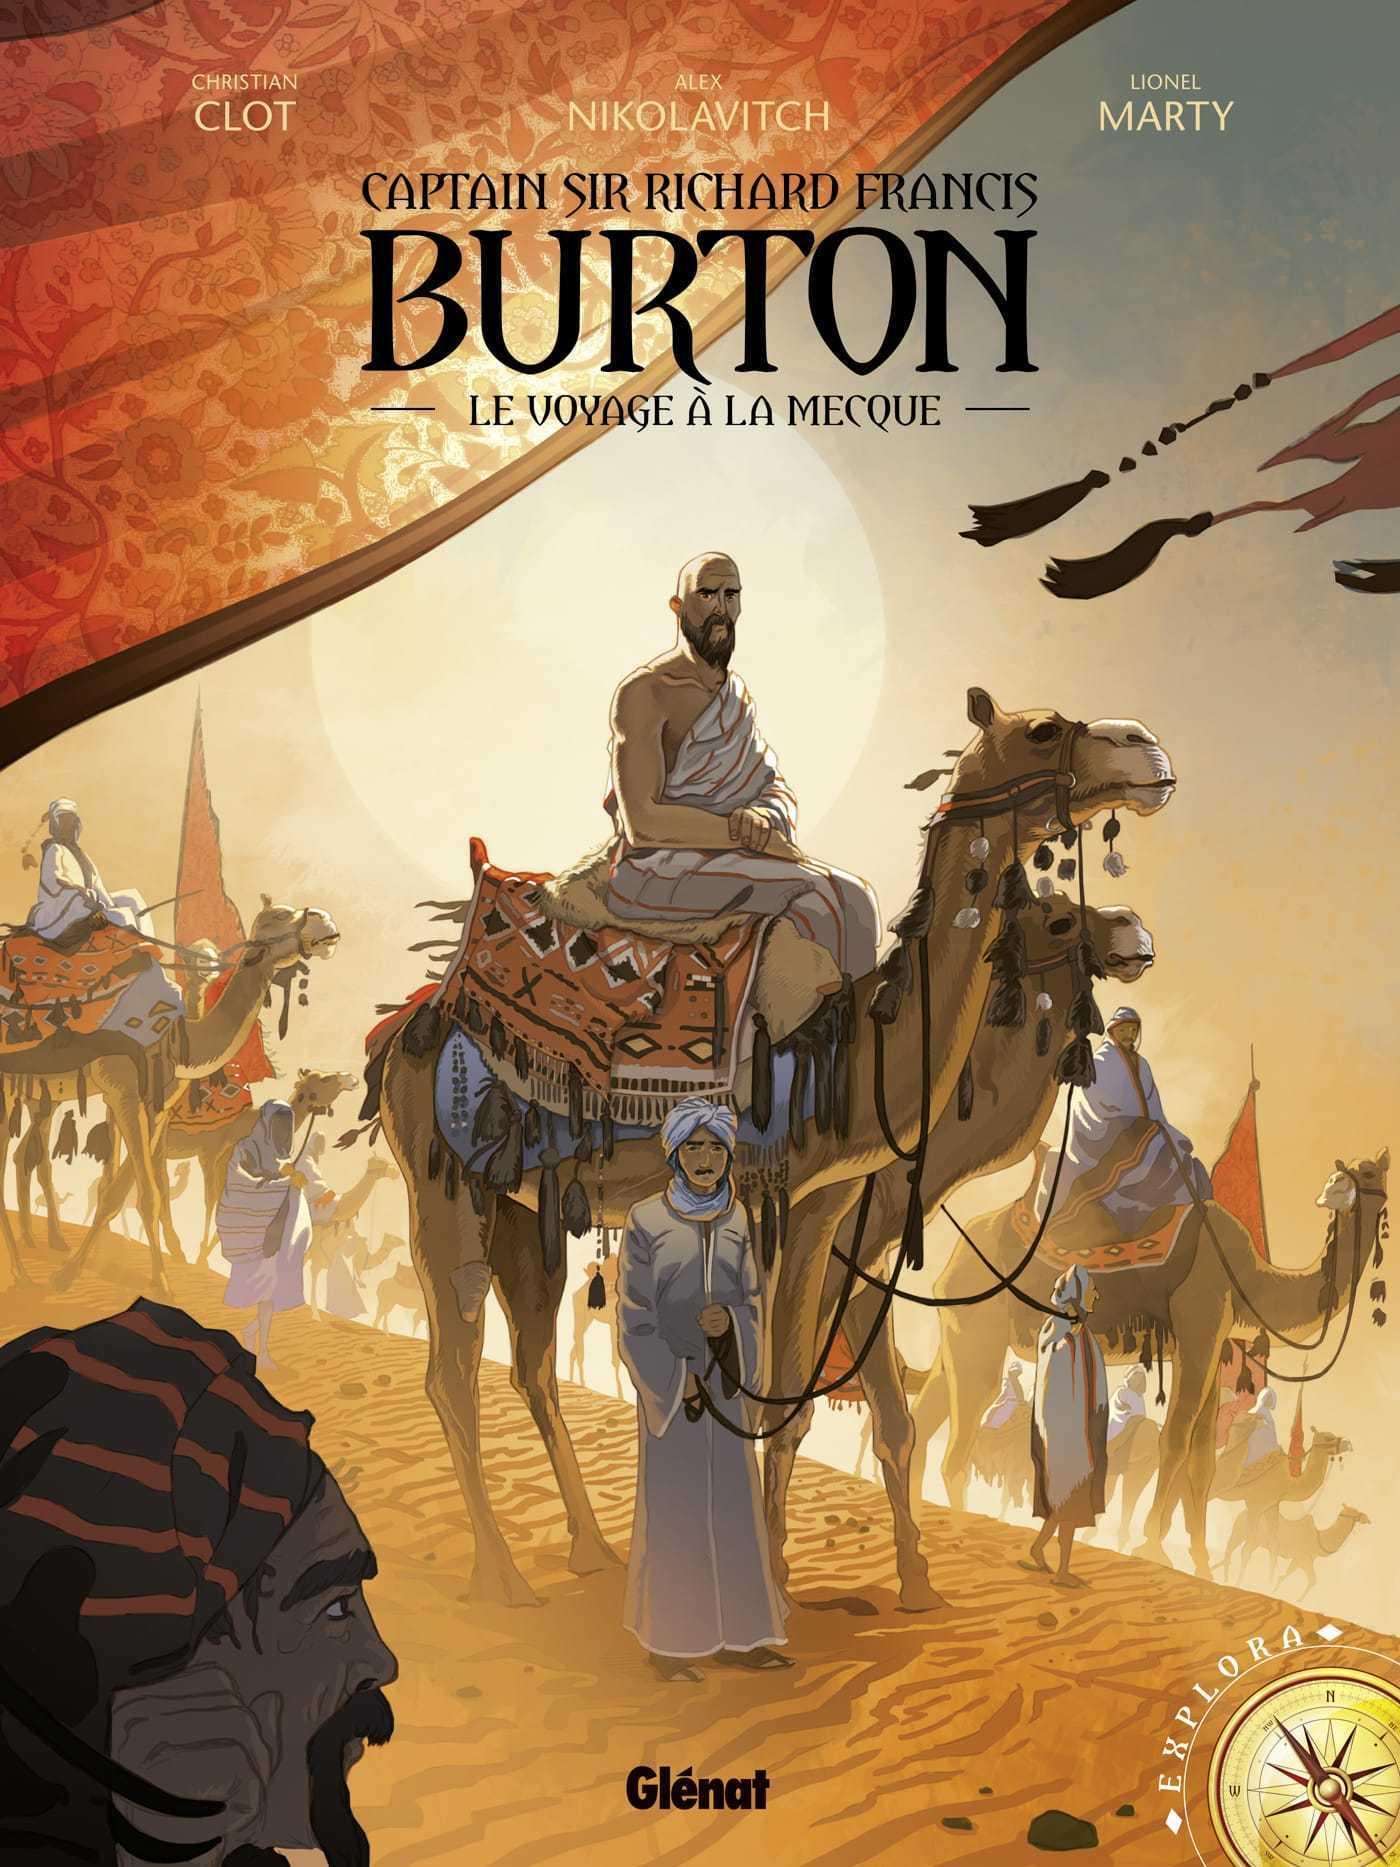 Burton, un Indiana Jones premier occidental à atteindre La Mecque